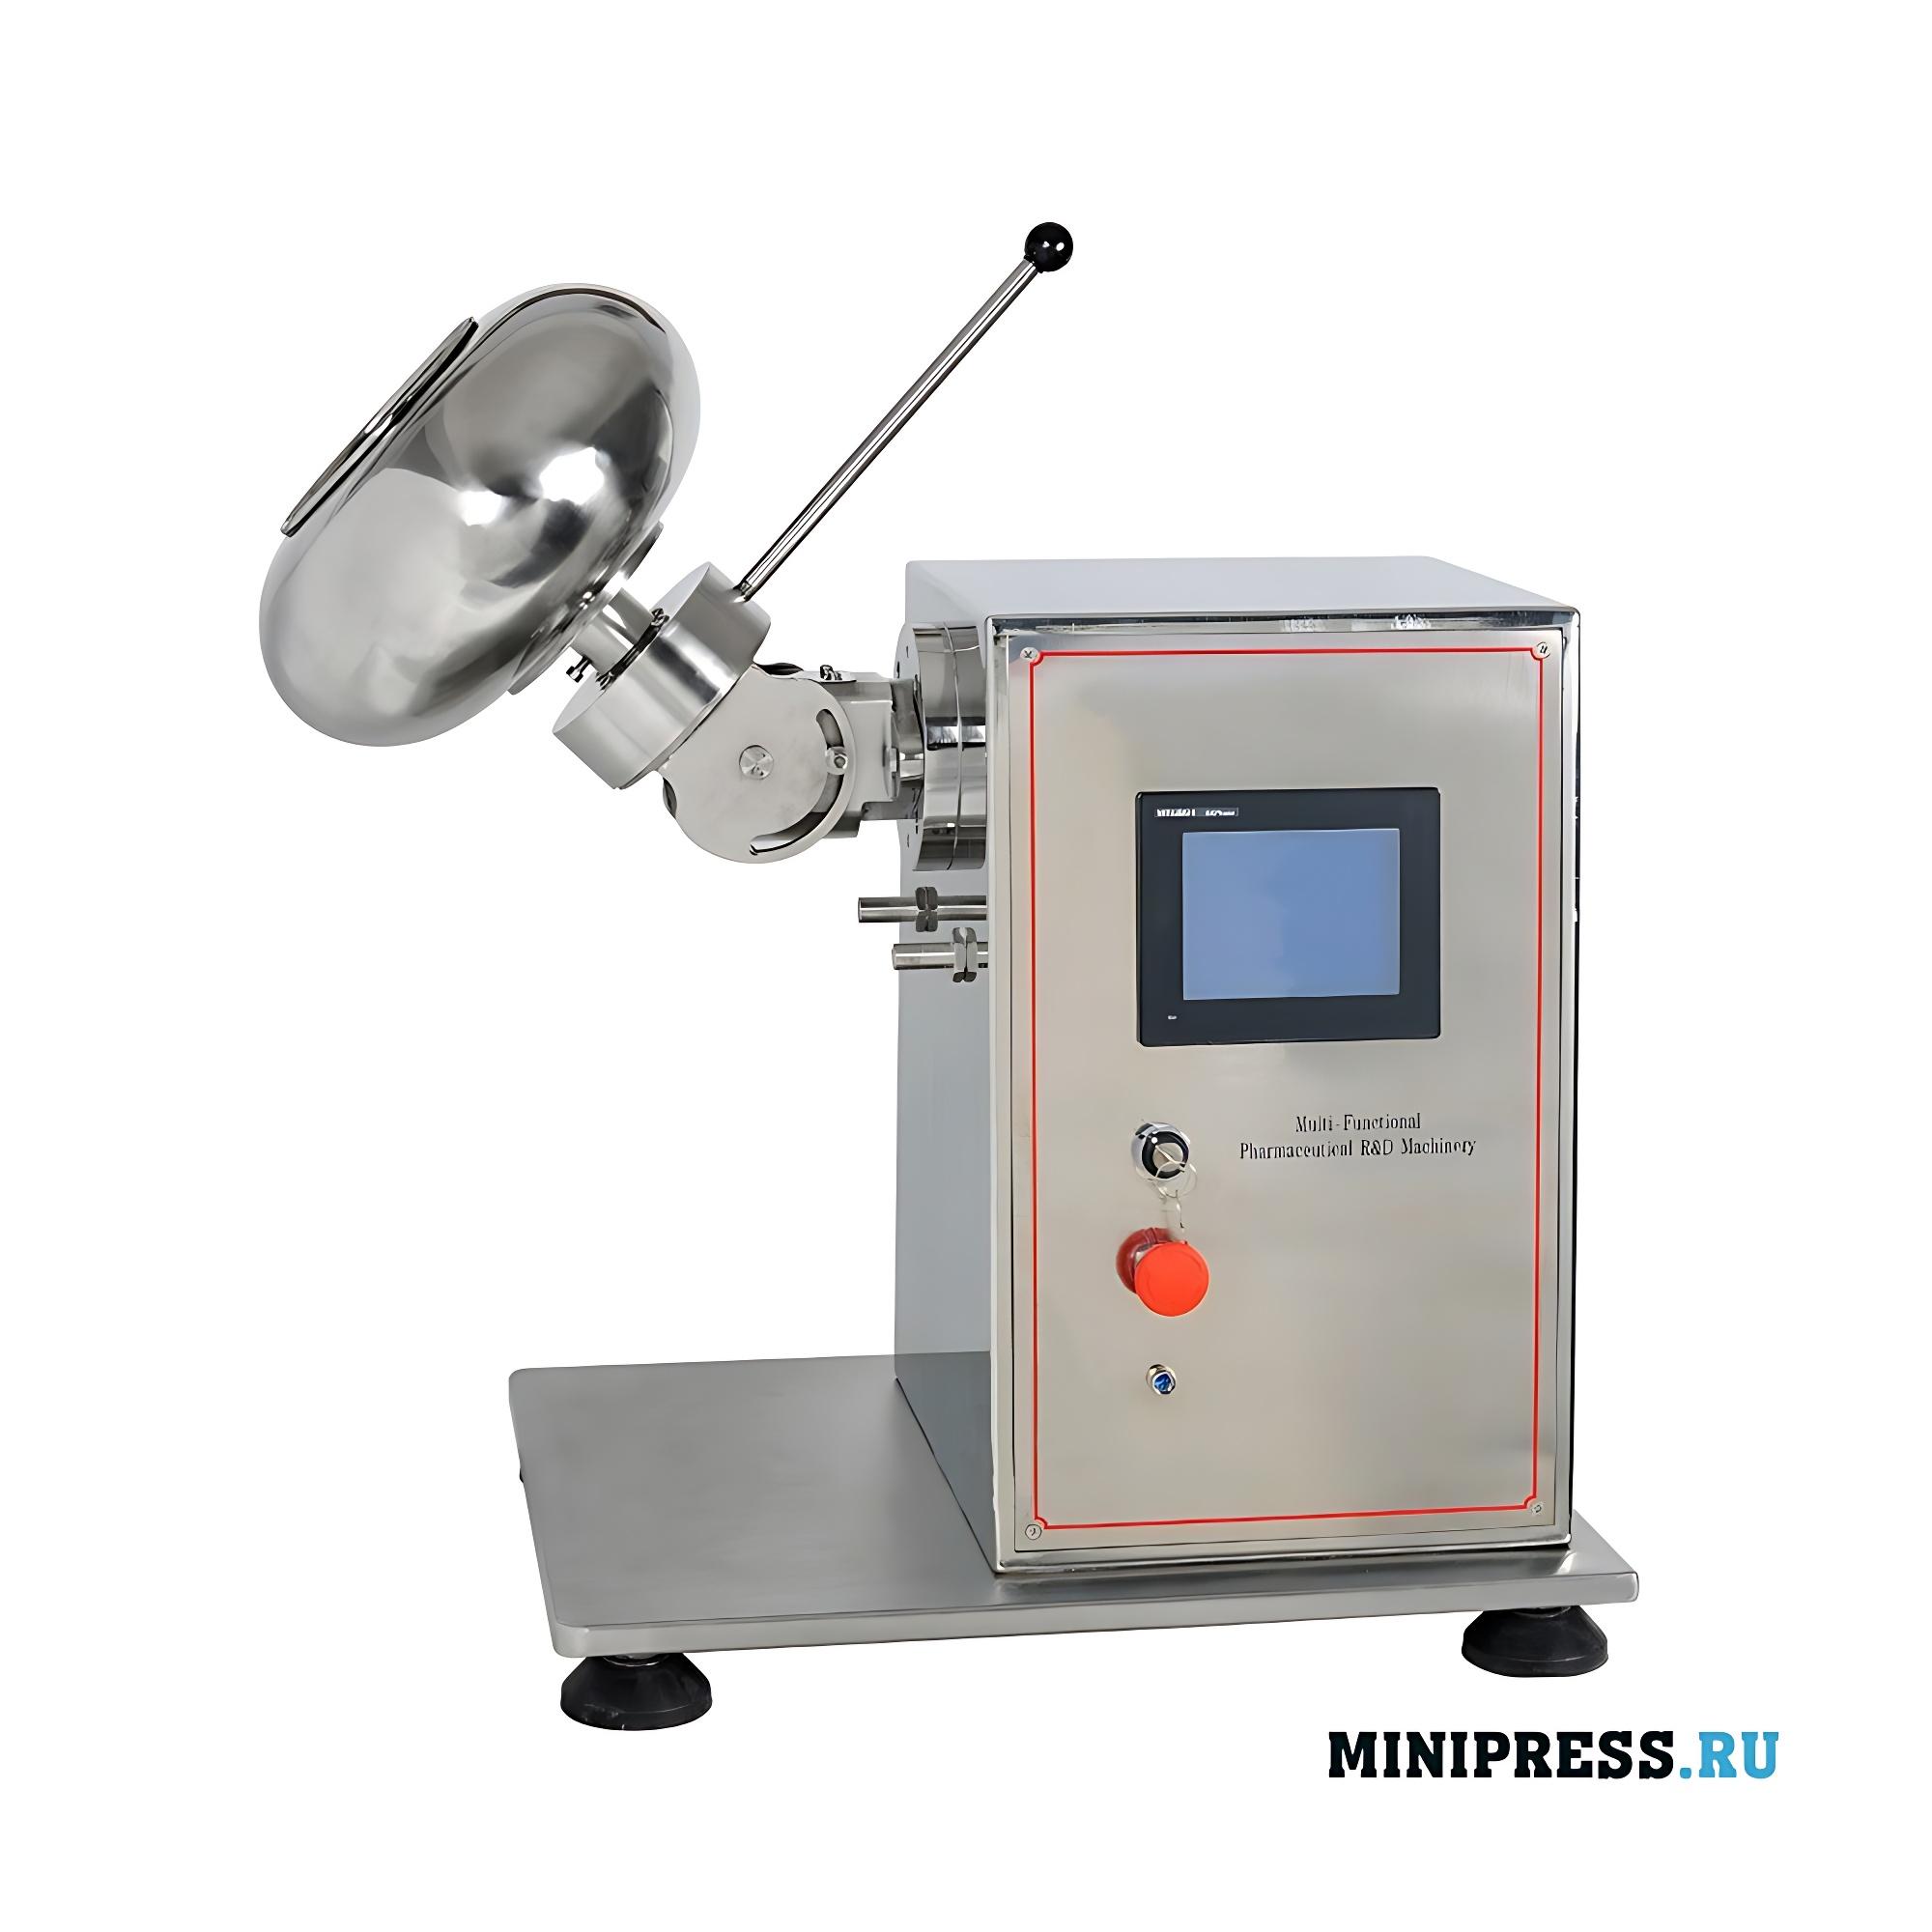 Мультифункциональное экспериментальное фармацевтическое оборудование и Дражировочный котел для покрытия оболочкой